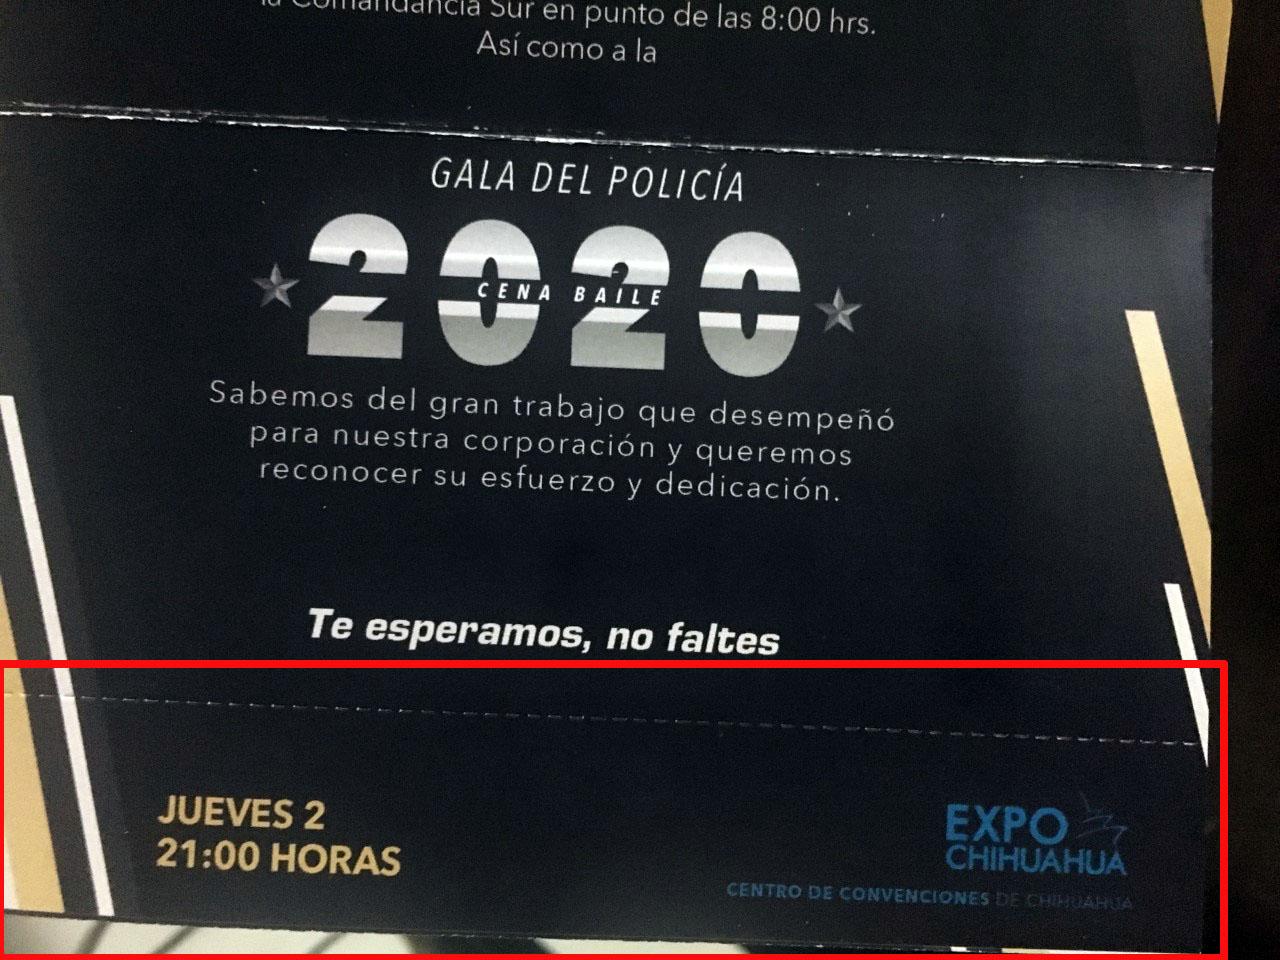 INVITAN A POLIS RETIRADOS A FESTEJO, PERO NO A LAS RIFAS